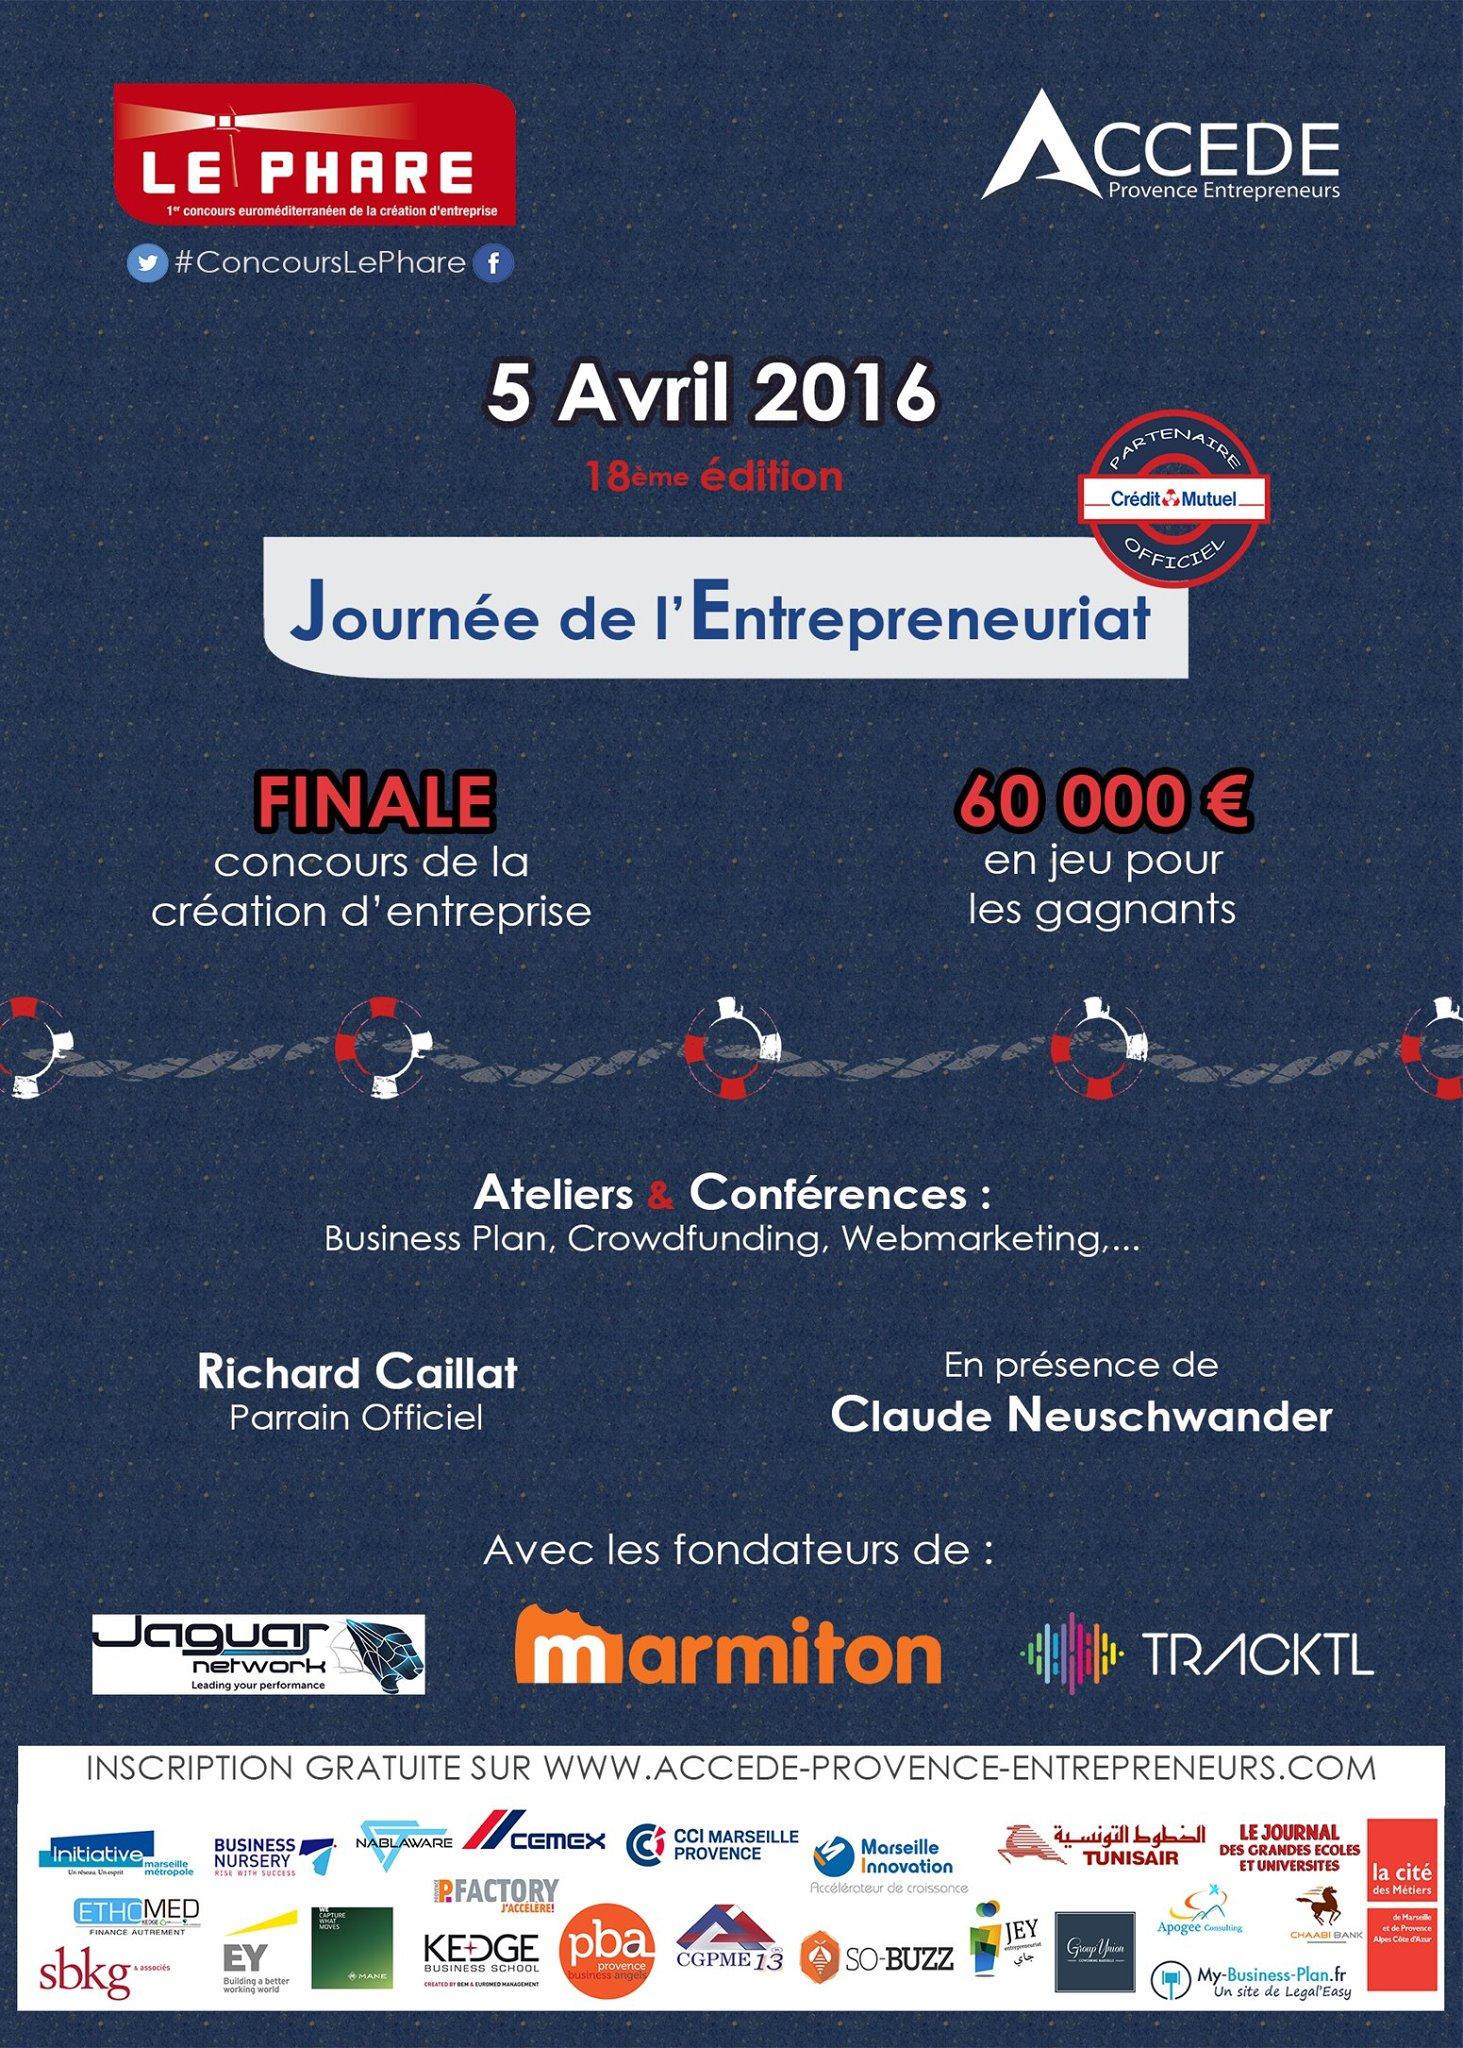 Pour la 18ème année consécutive, ACCEDE Provence Entrepreneurs organise le Phare, 1er concours euro-méditerranéen de la création d'entreprise.